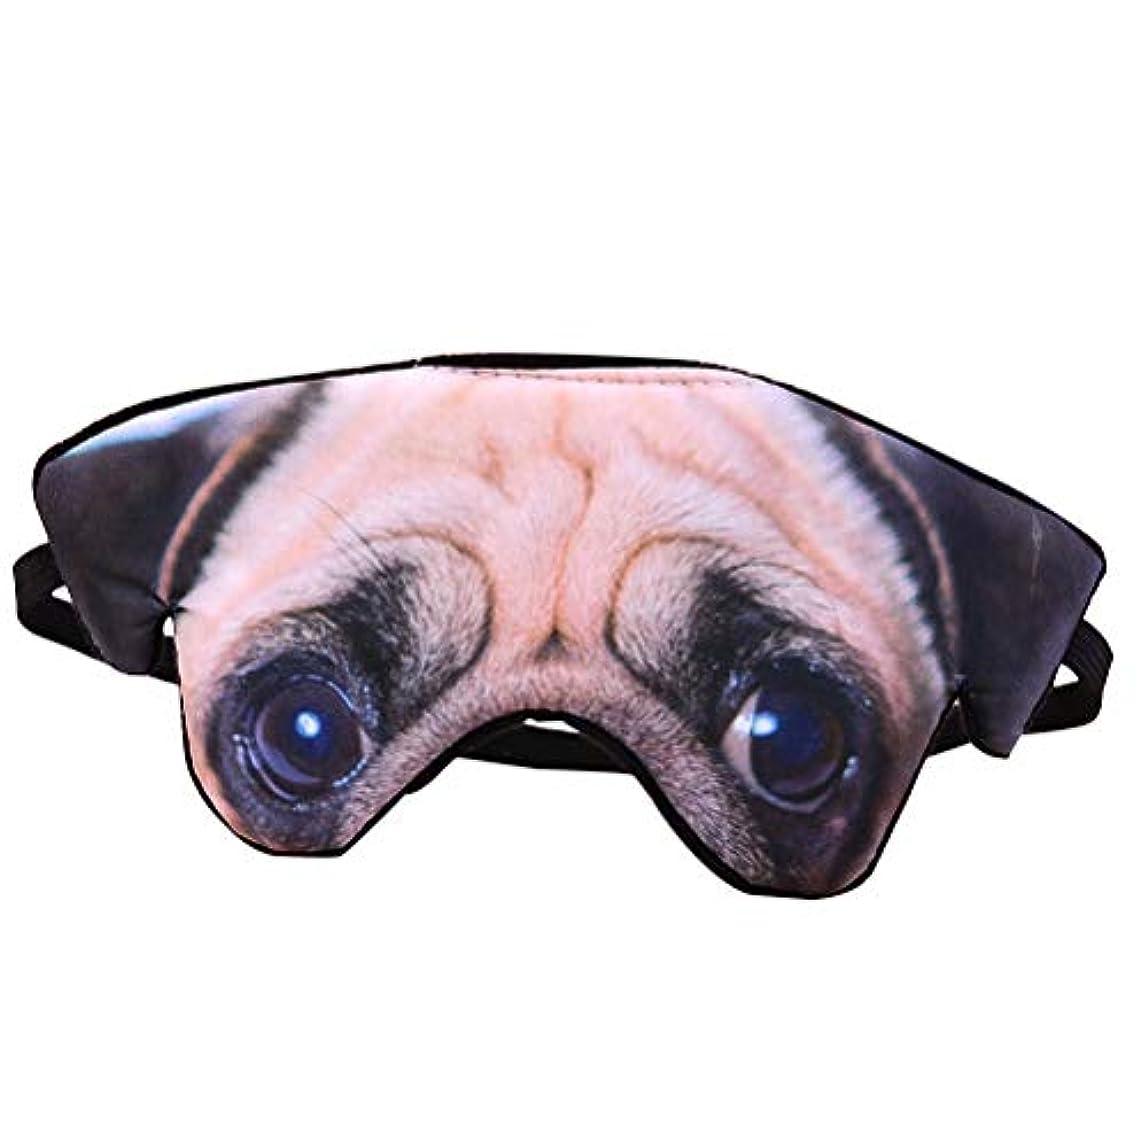 作り上げるバーマド無視HEALIFTY 睡眠目隠し3D犬のパターンアイマスクファニーシェードナップカバー目隠し睡眠マスク目の眠りゴーグル(Pug)